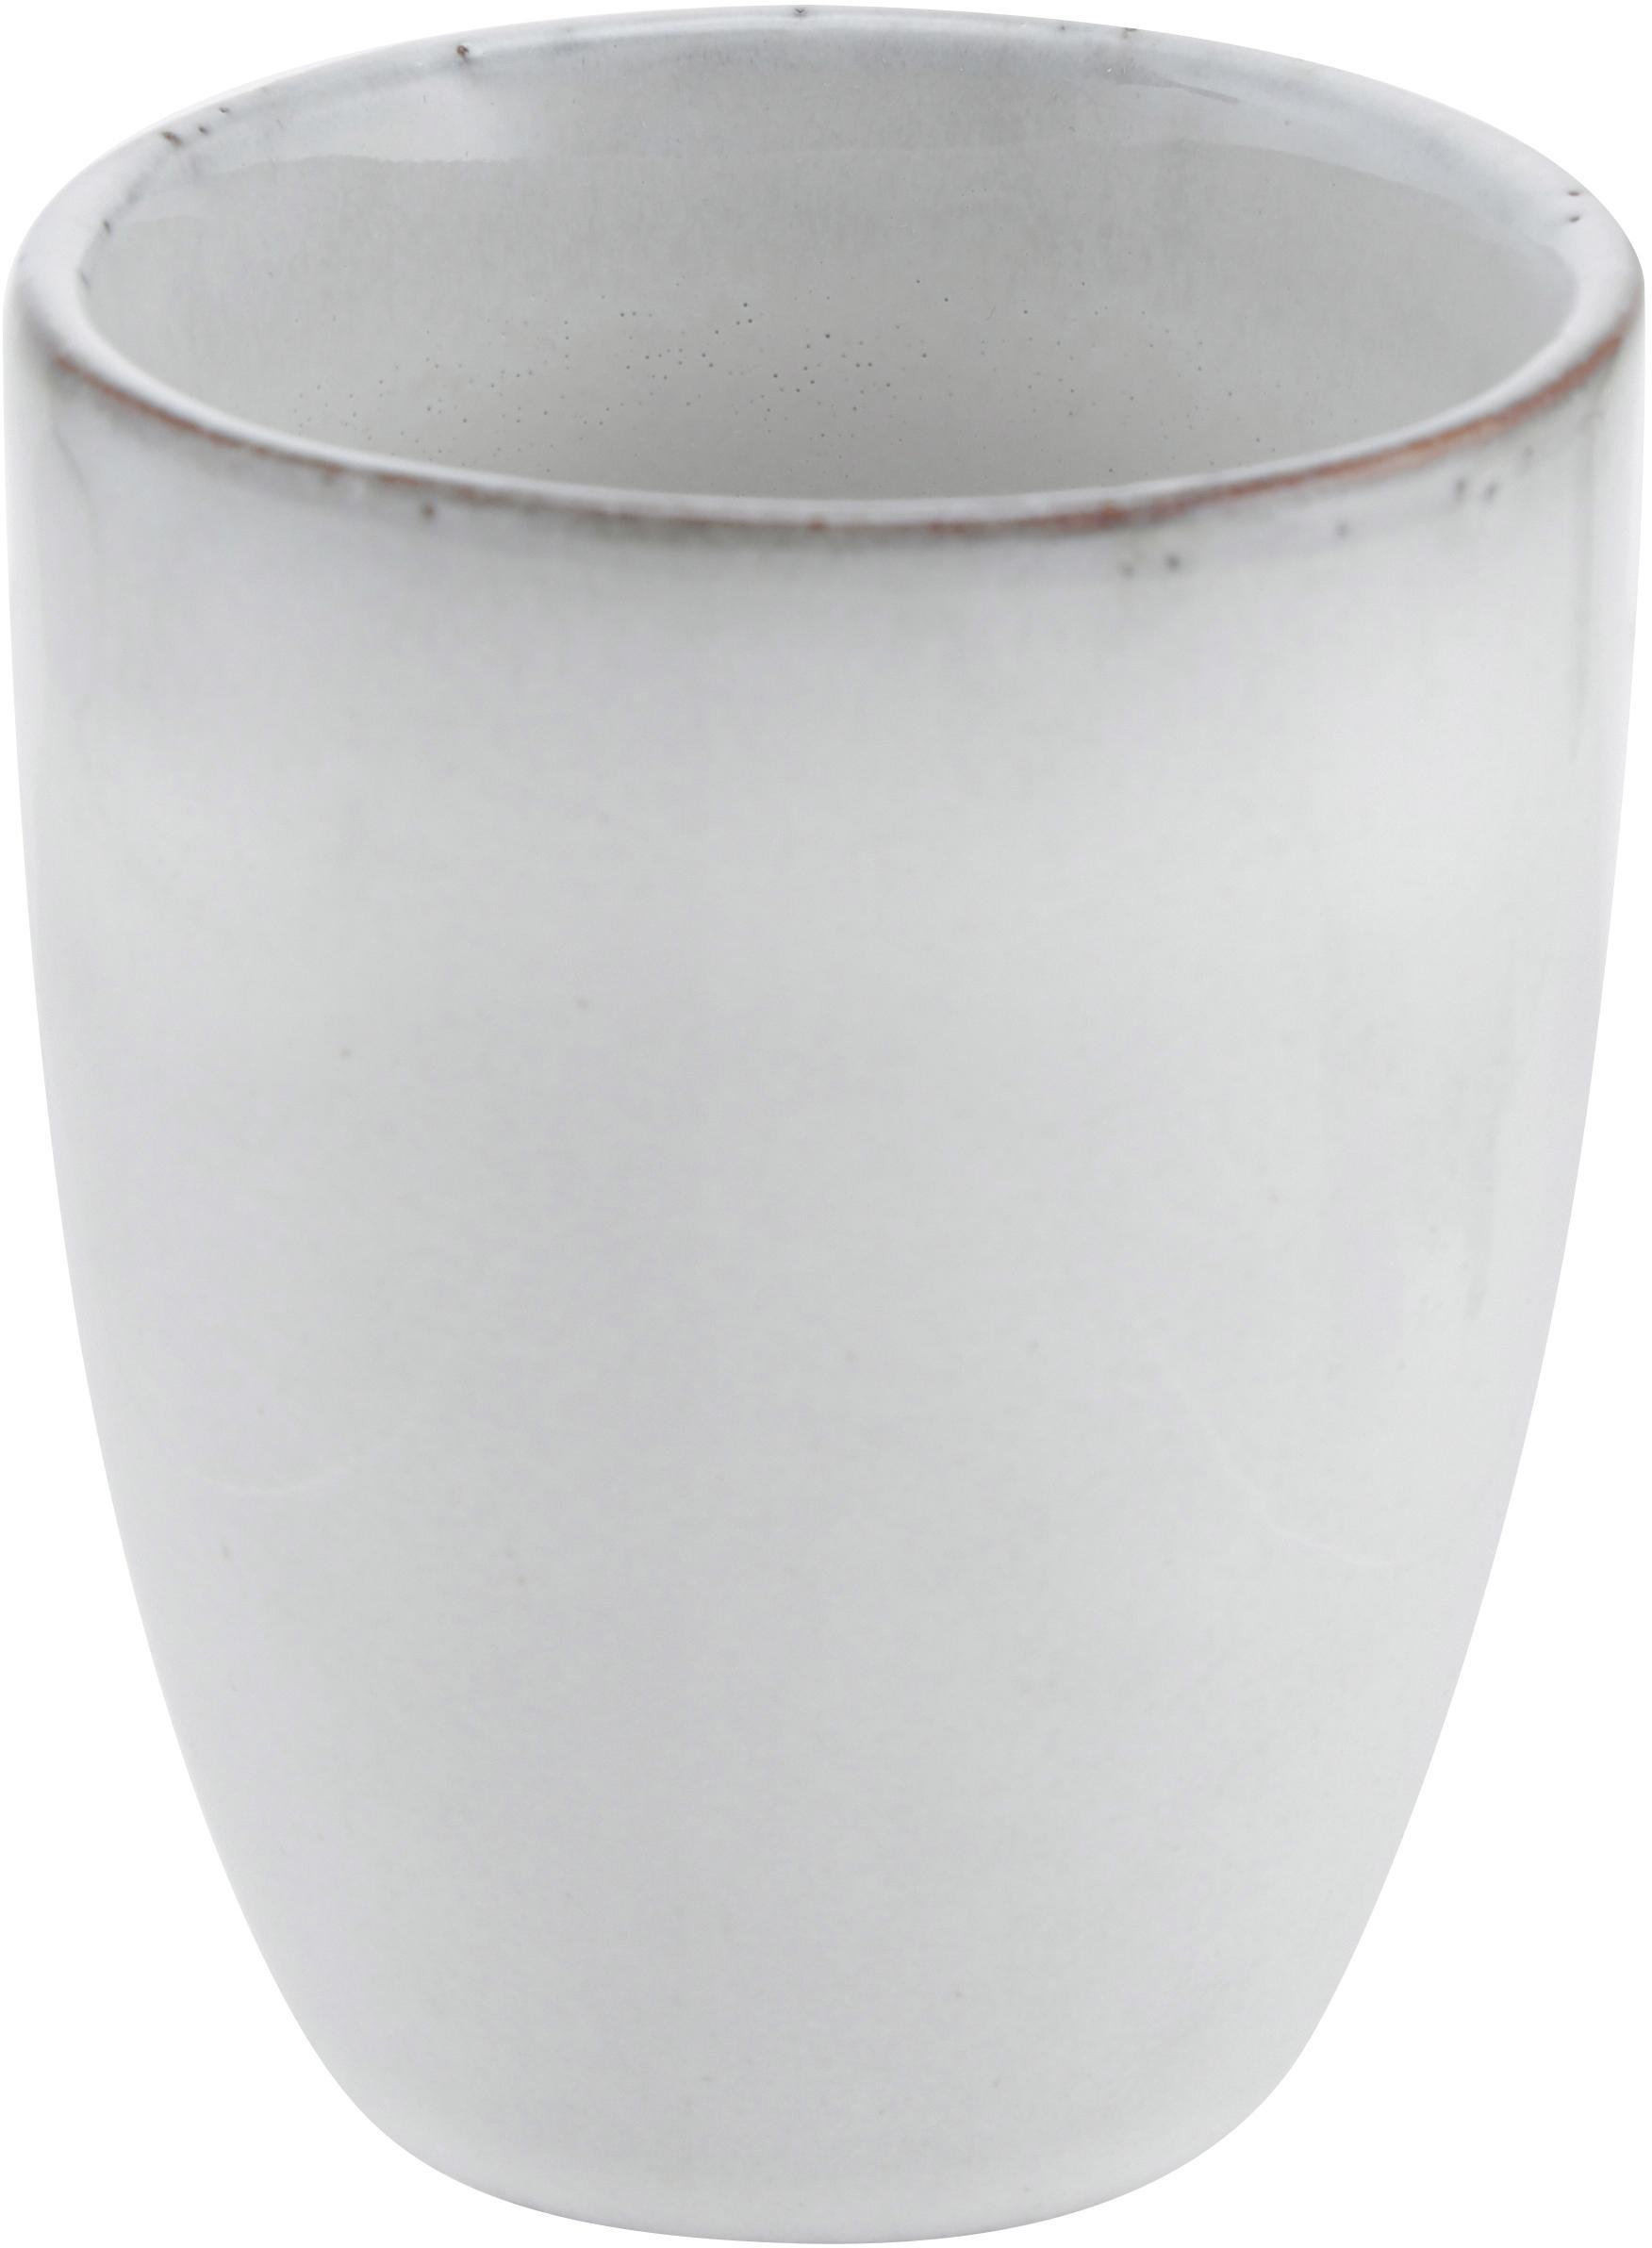 Tazas de café artesanales Nordic Sand, 6uds., Gres, Arena, Ø 7 x Al 8 cm